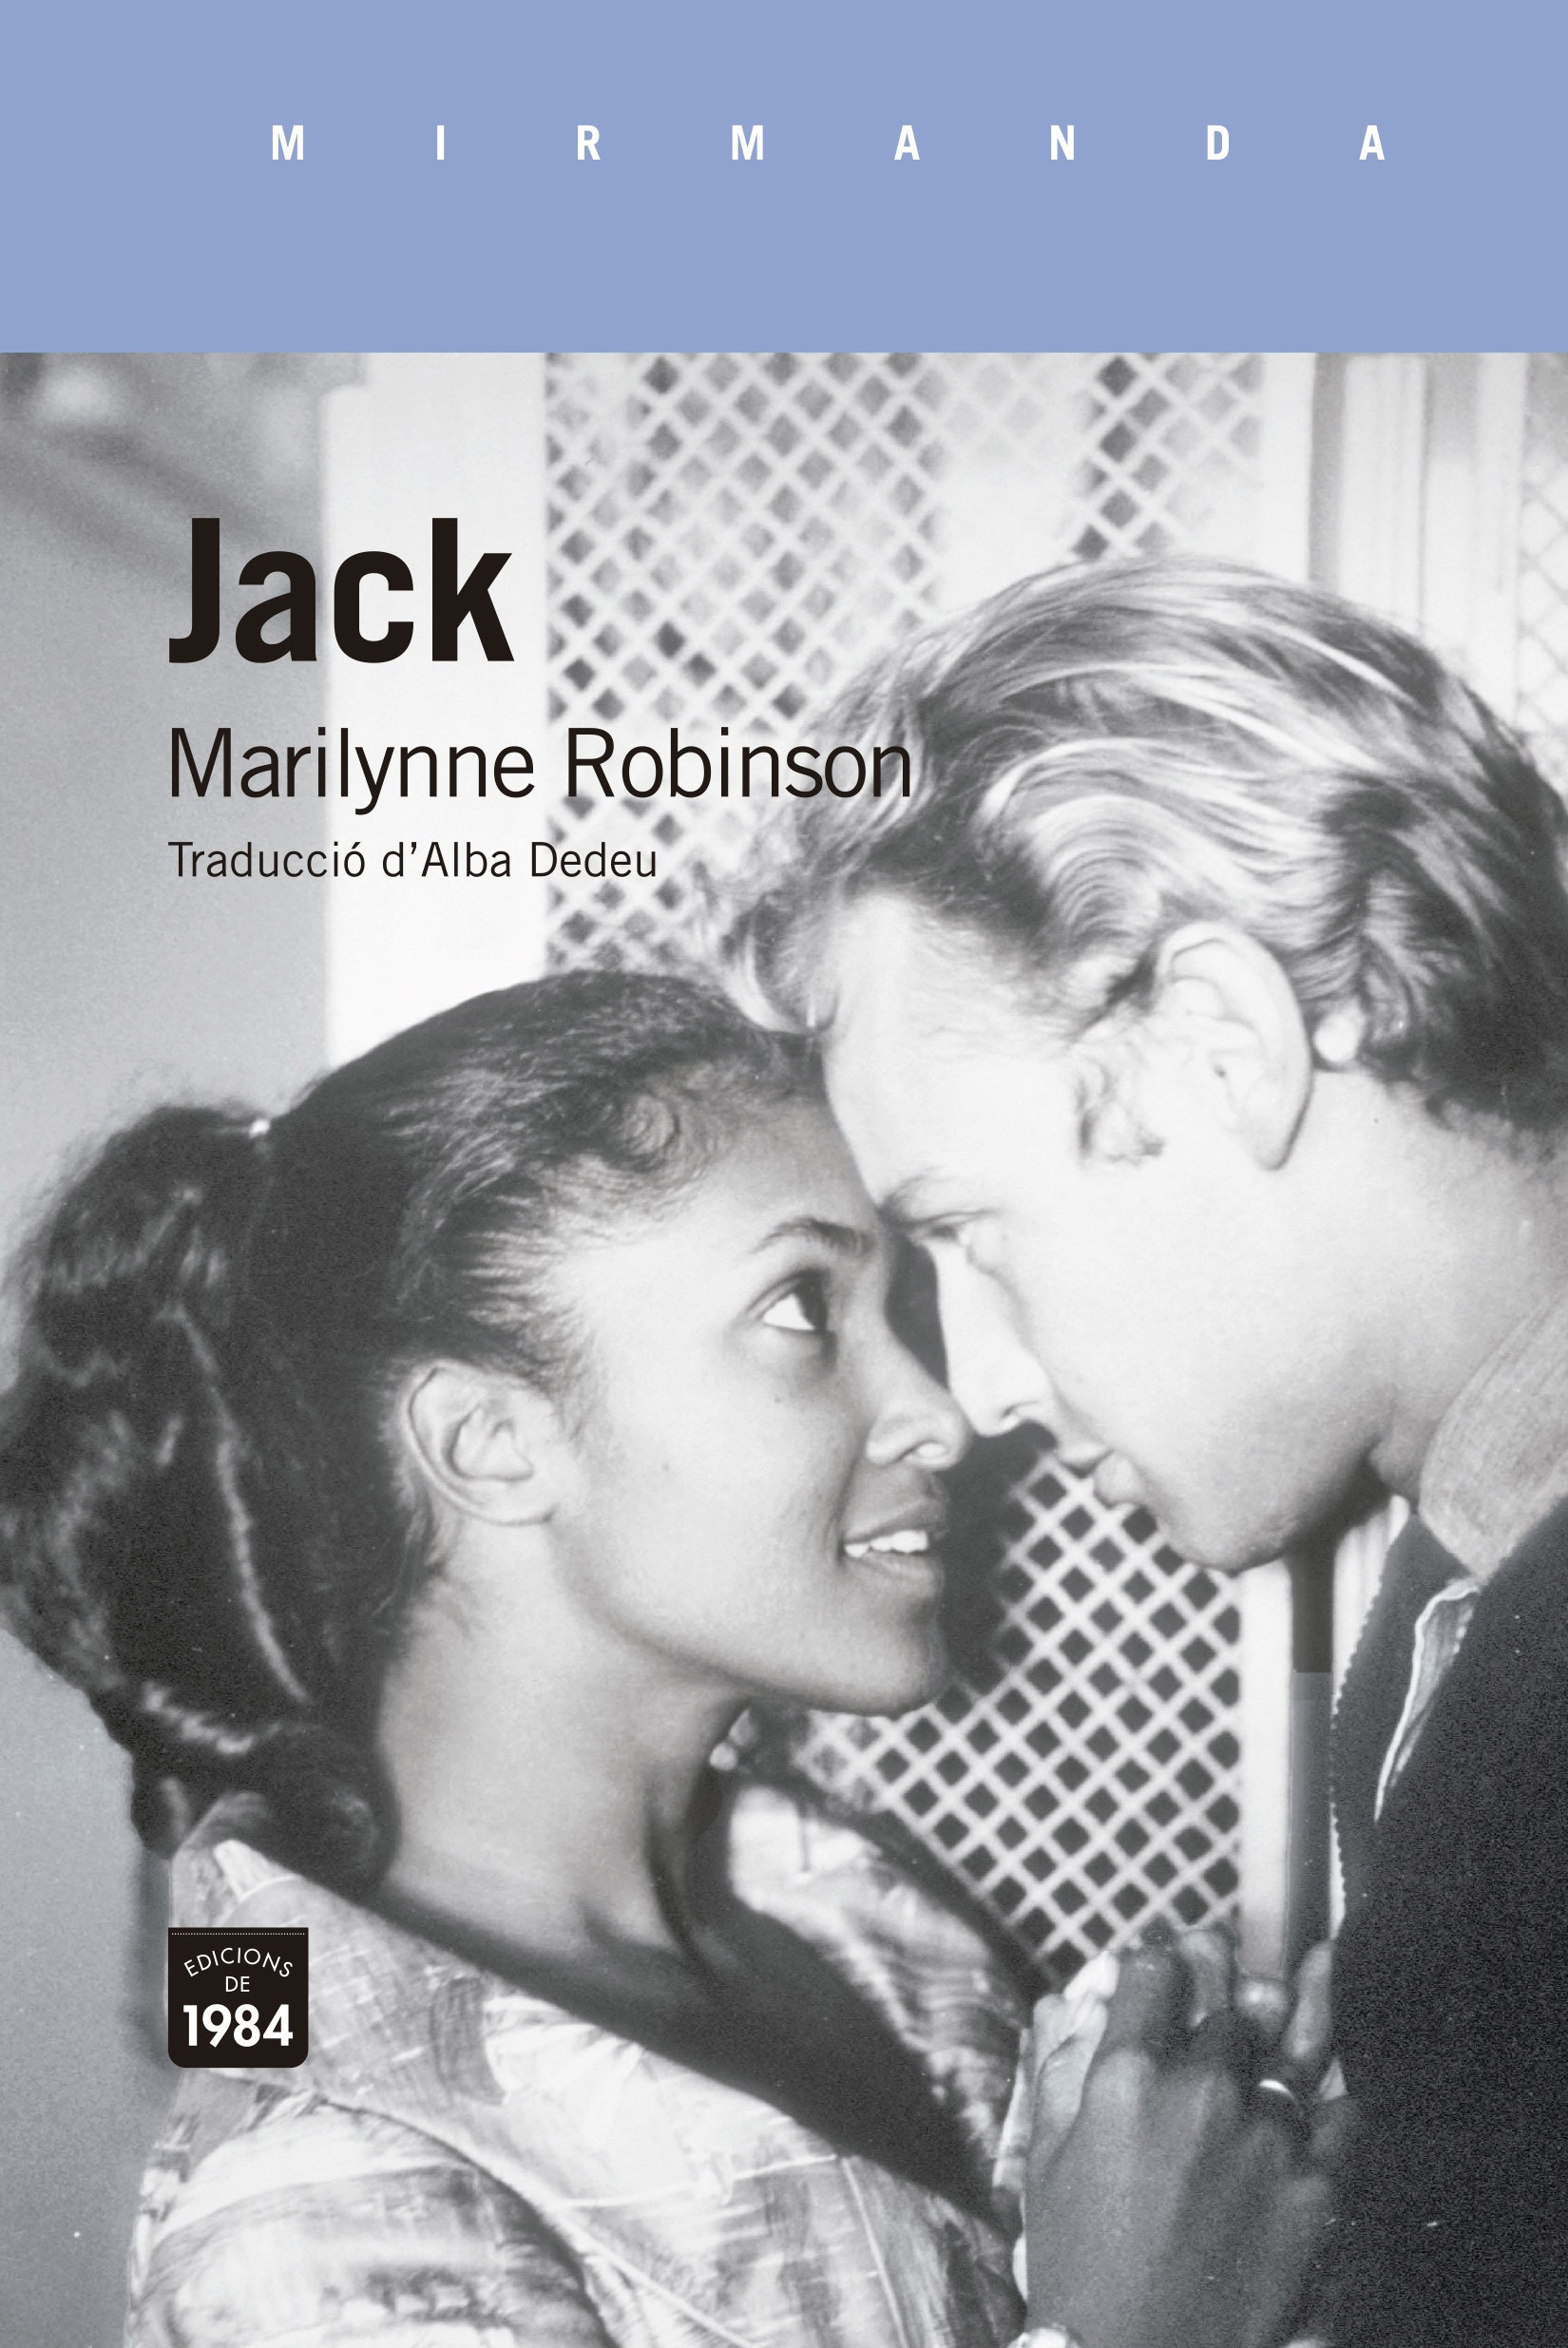 jack marilynne robinson edicions de 1984 català alba dedeu traducció lila